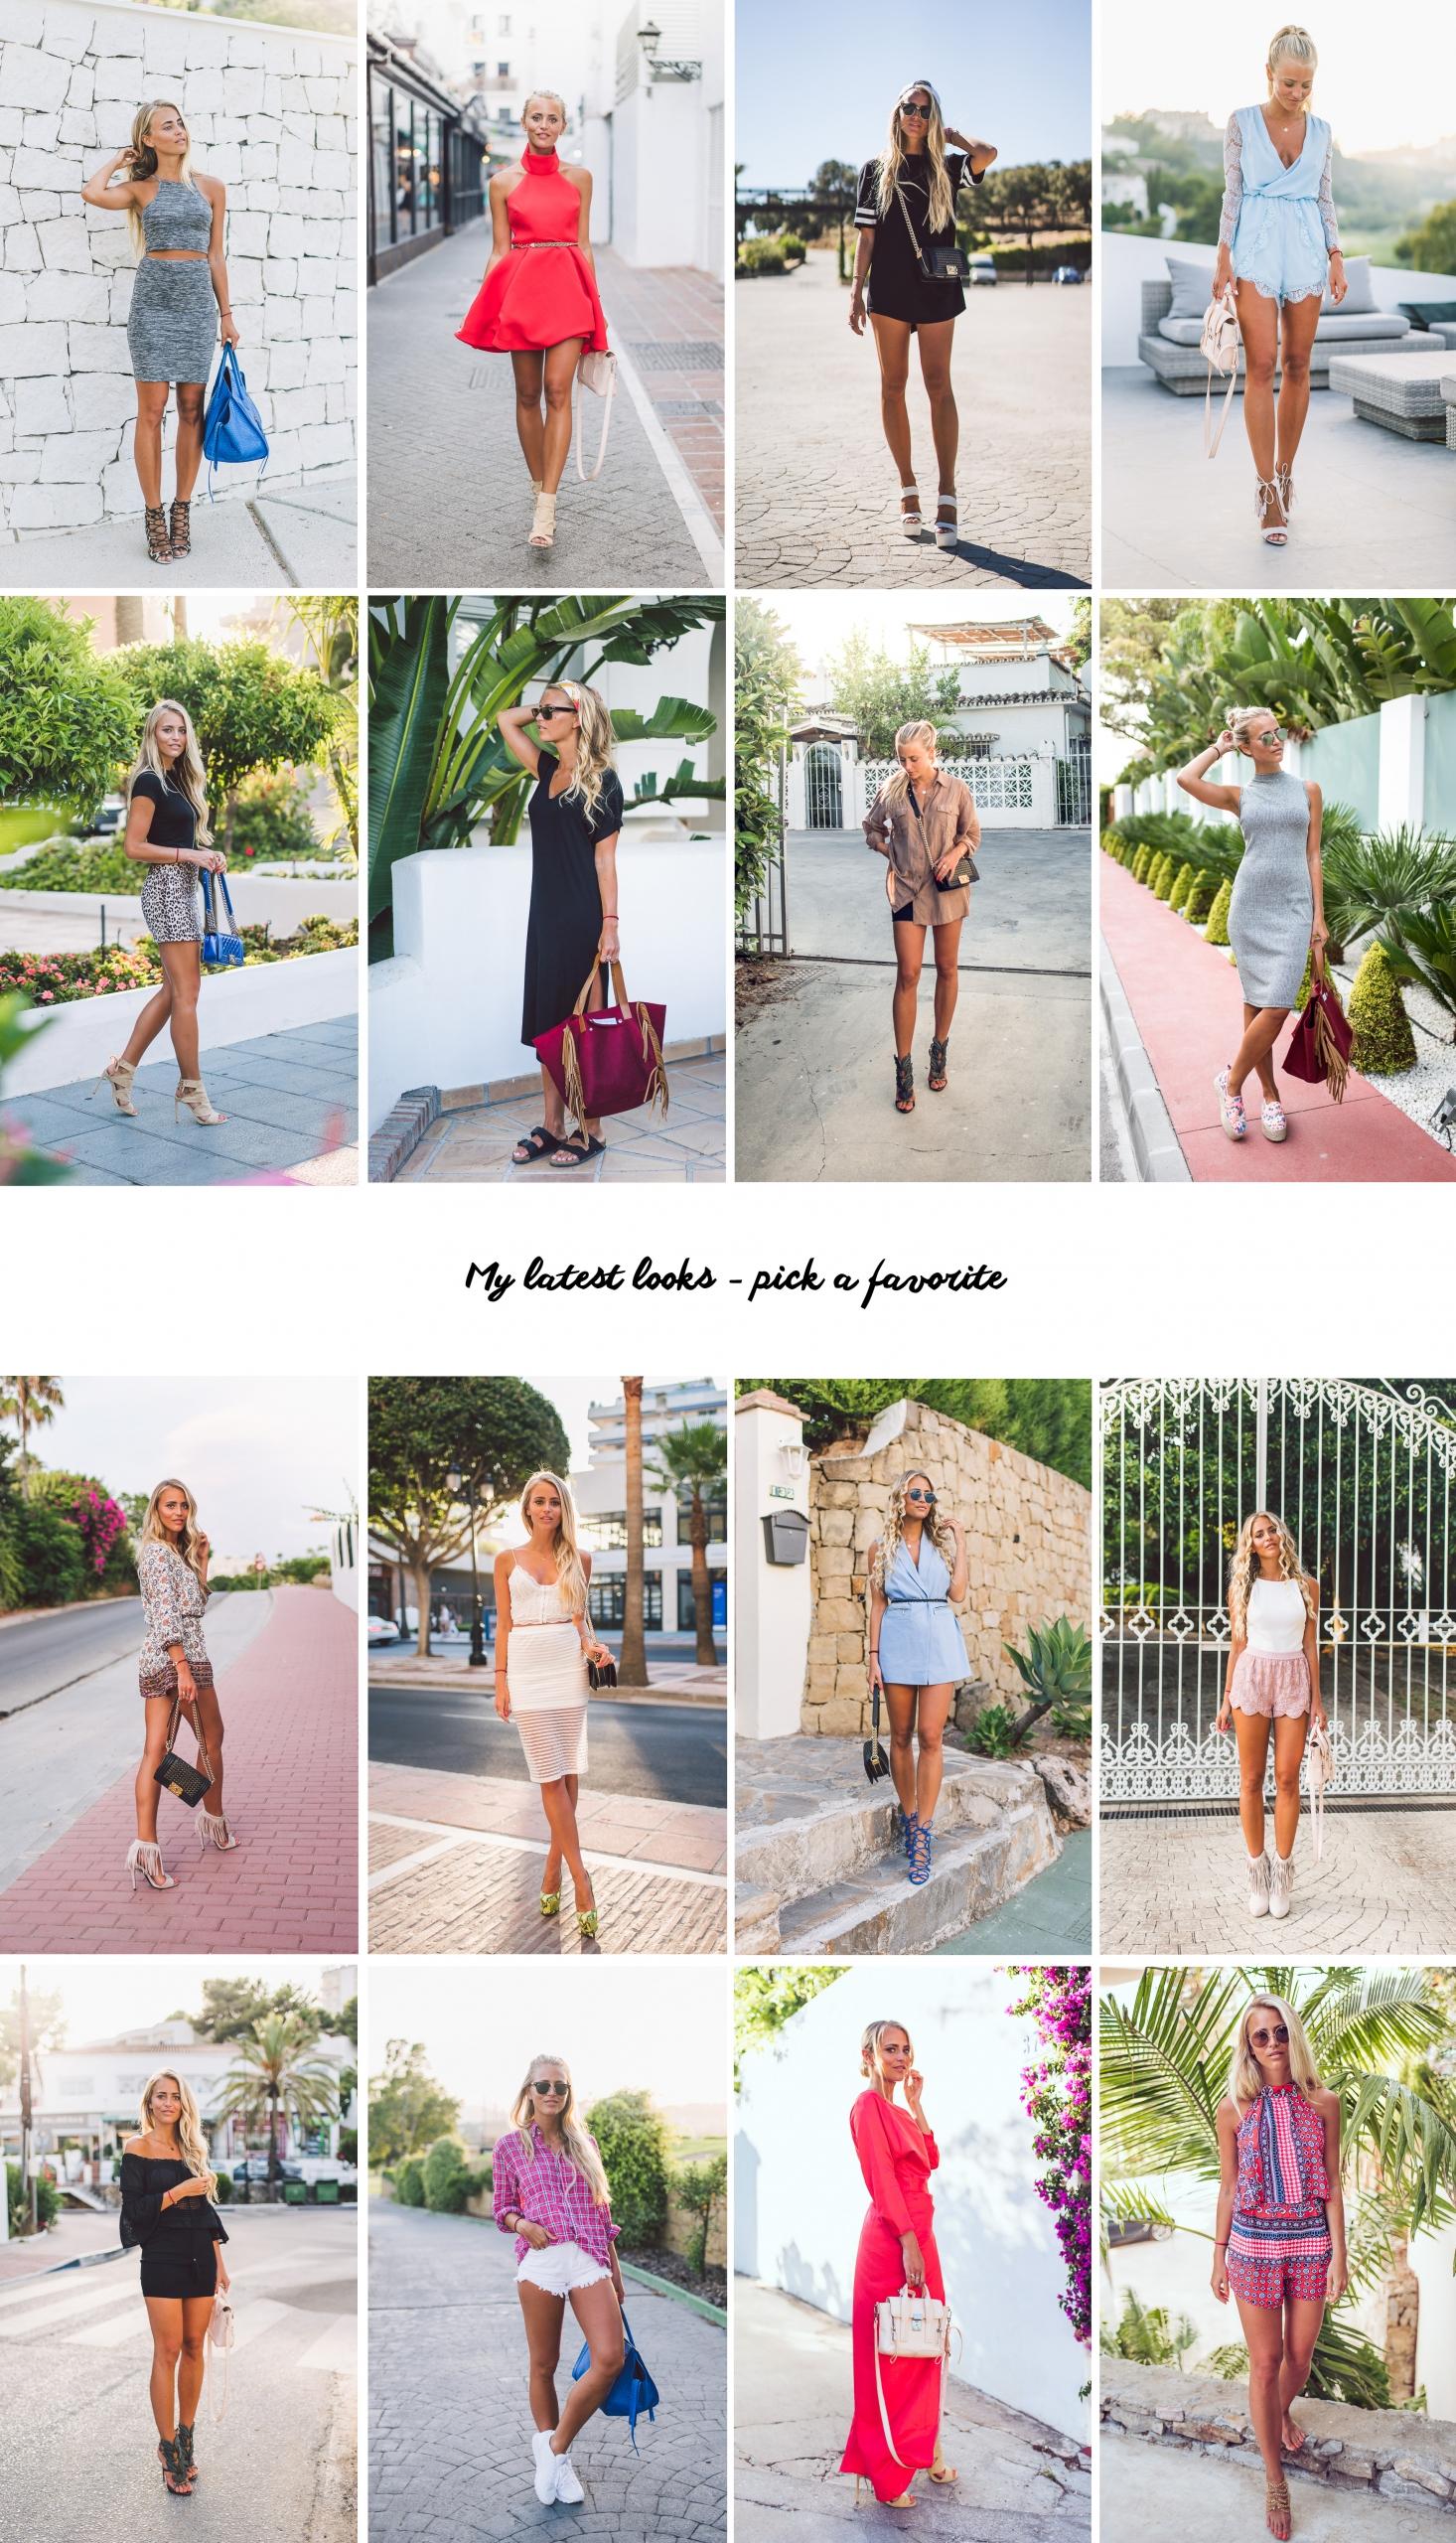 jannideler-looks-summer2015